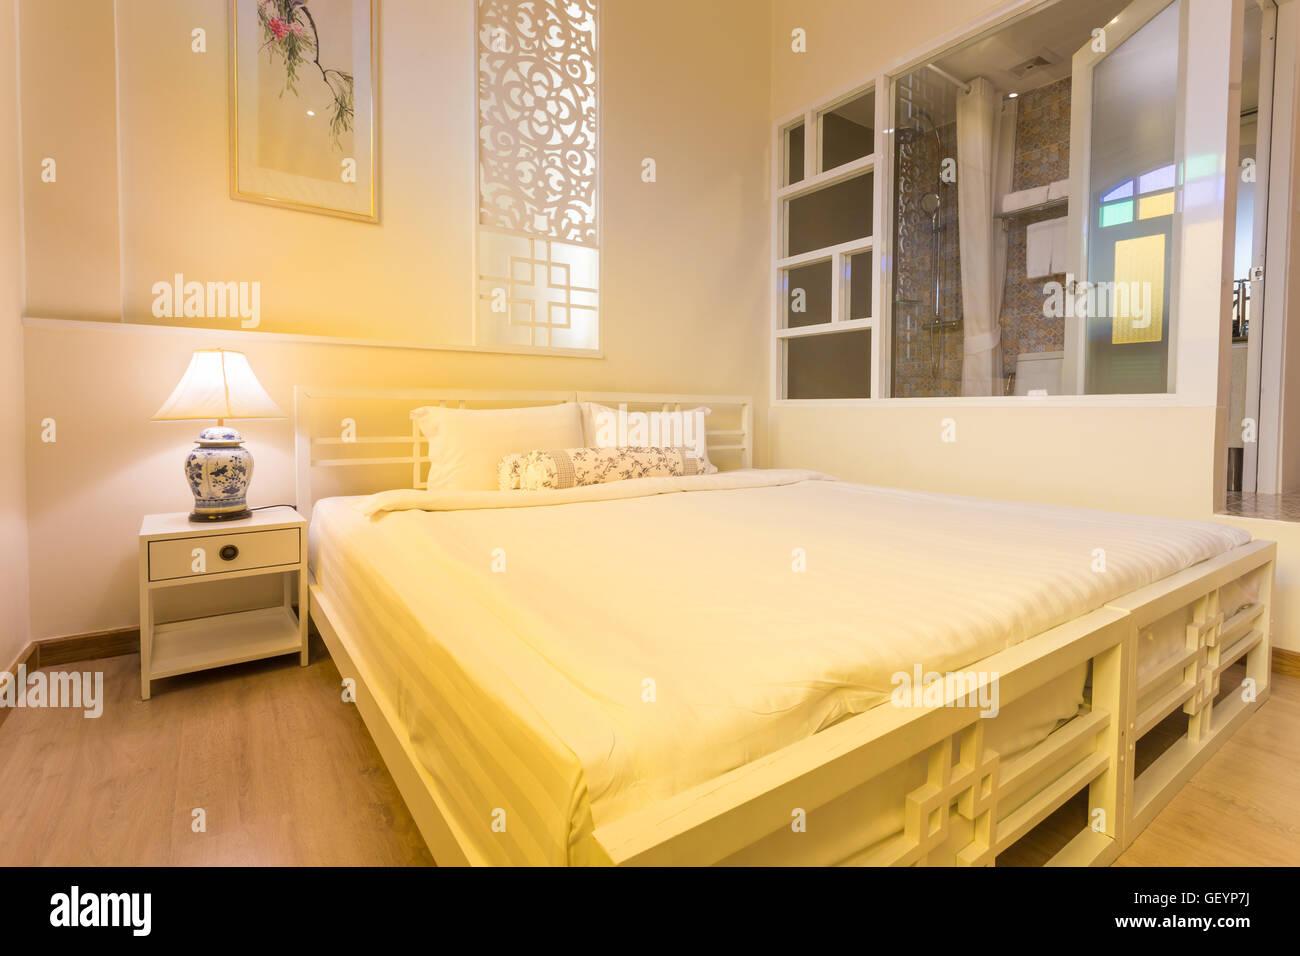 Fantastisch Abstrakte Schlafzimmer In Hellen, Warmen Farben. Großes Bequemes Doppelbett  Im Eleganten Klassischen Schlafzimmer